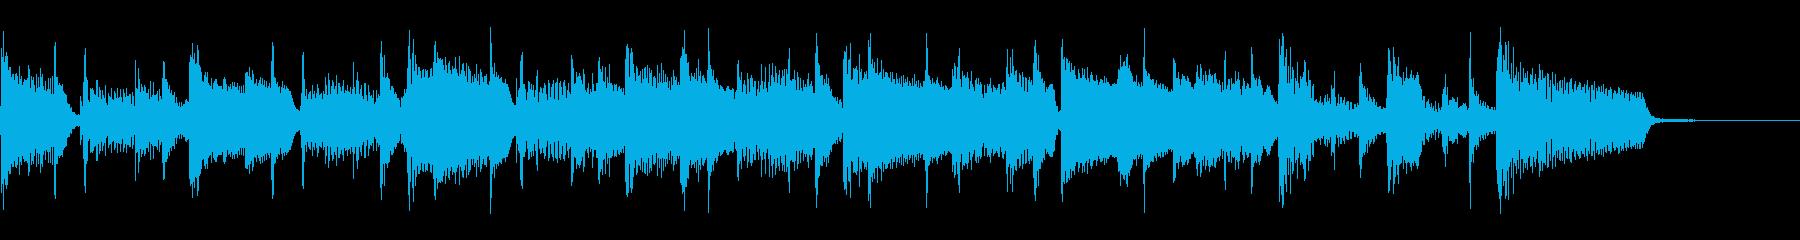 2つ、速いテンポ、リズムギターまた...の再生済みの波形